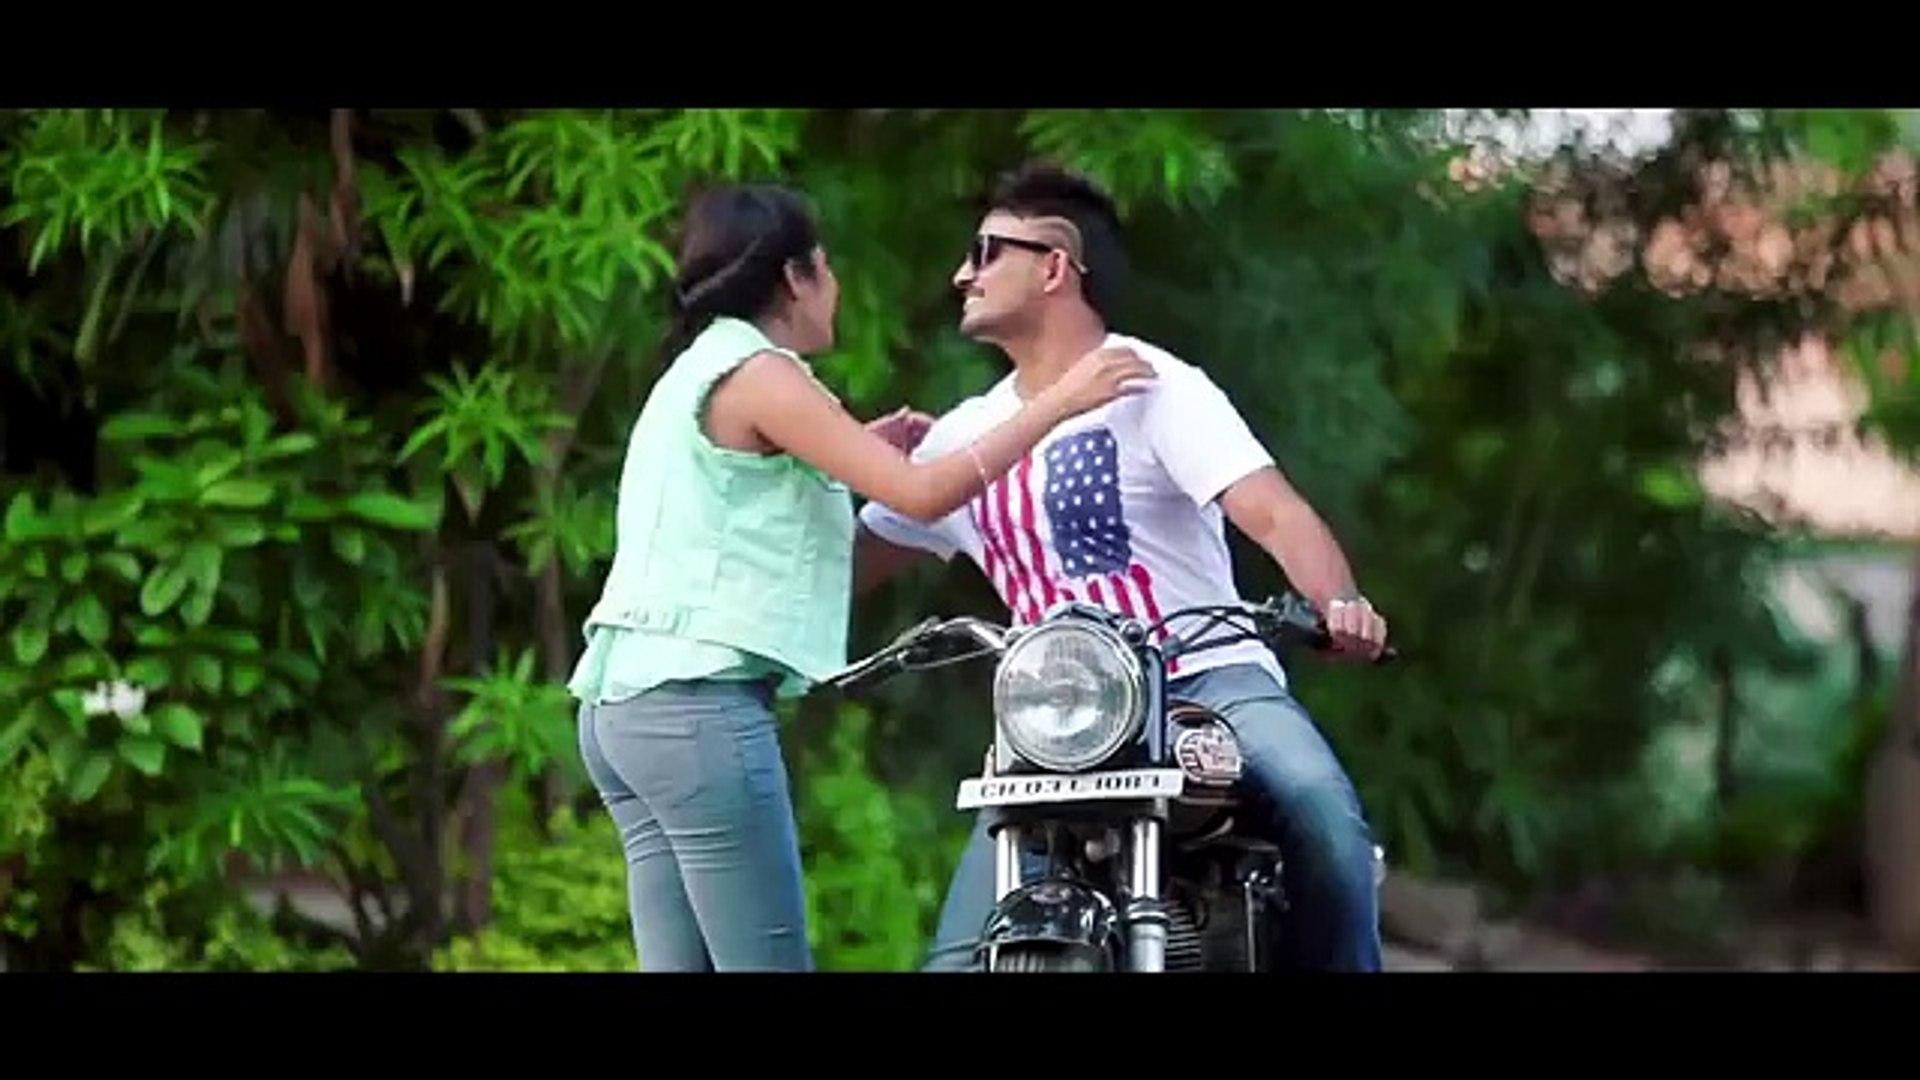 Band vs Brand Resham AnmolLatest Punjabi Songs top songs 2016 best songs new songs upcoming songs la